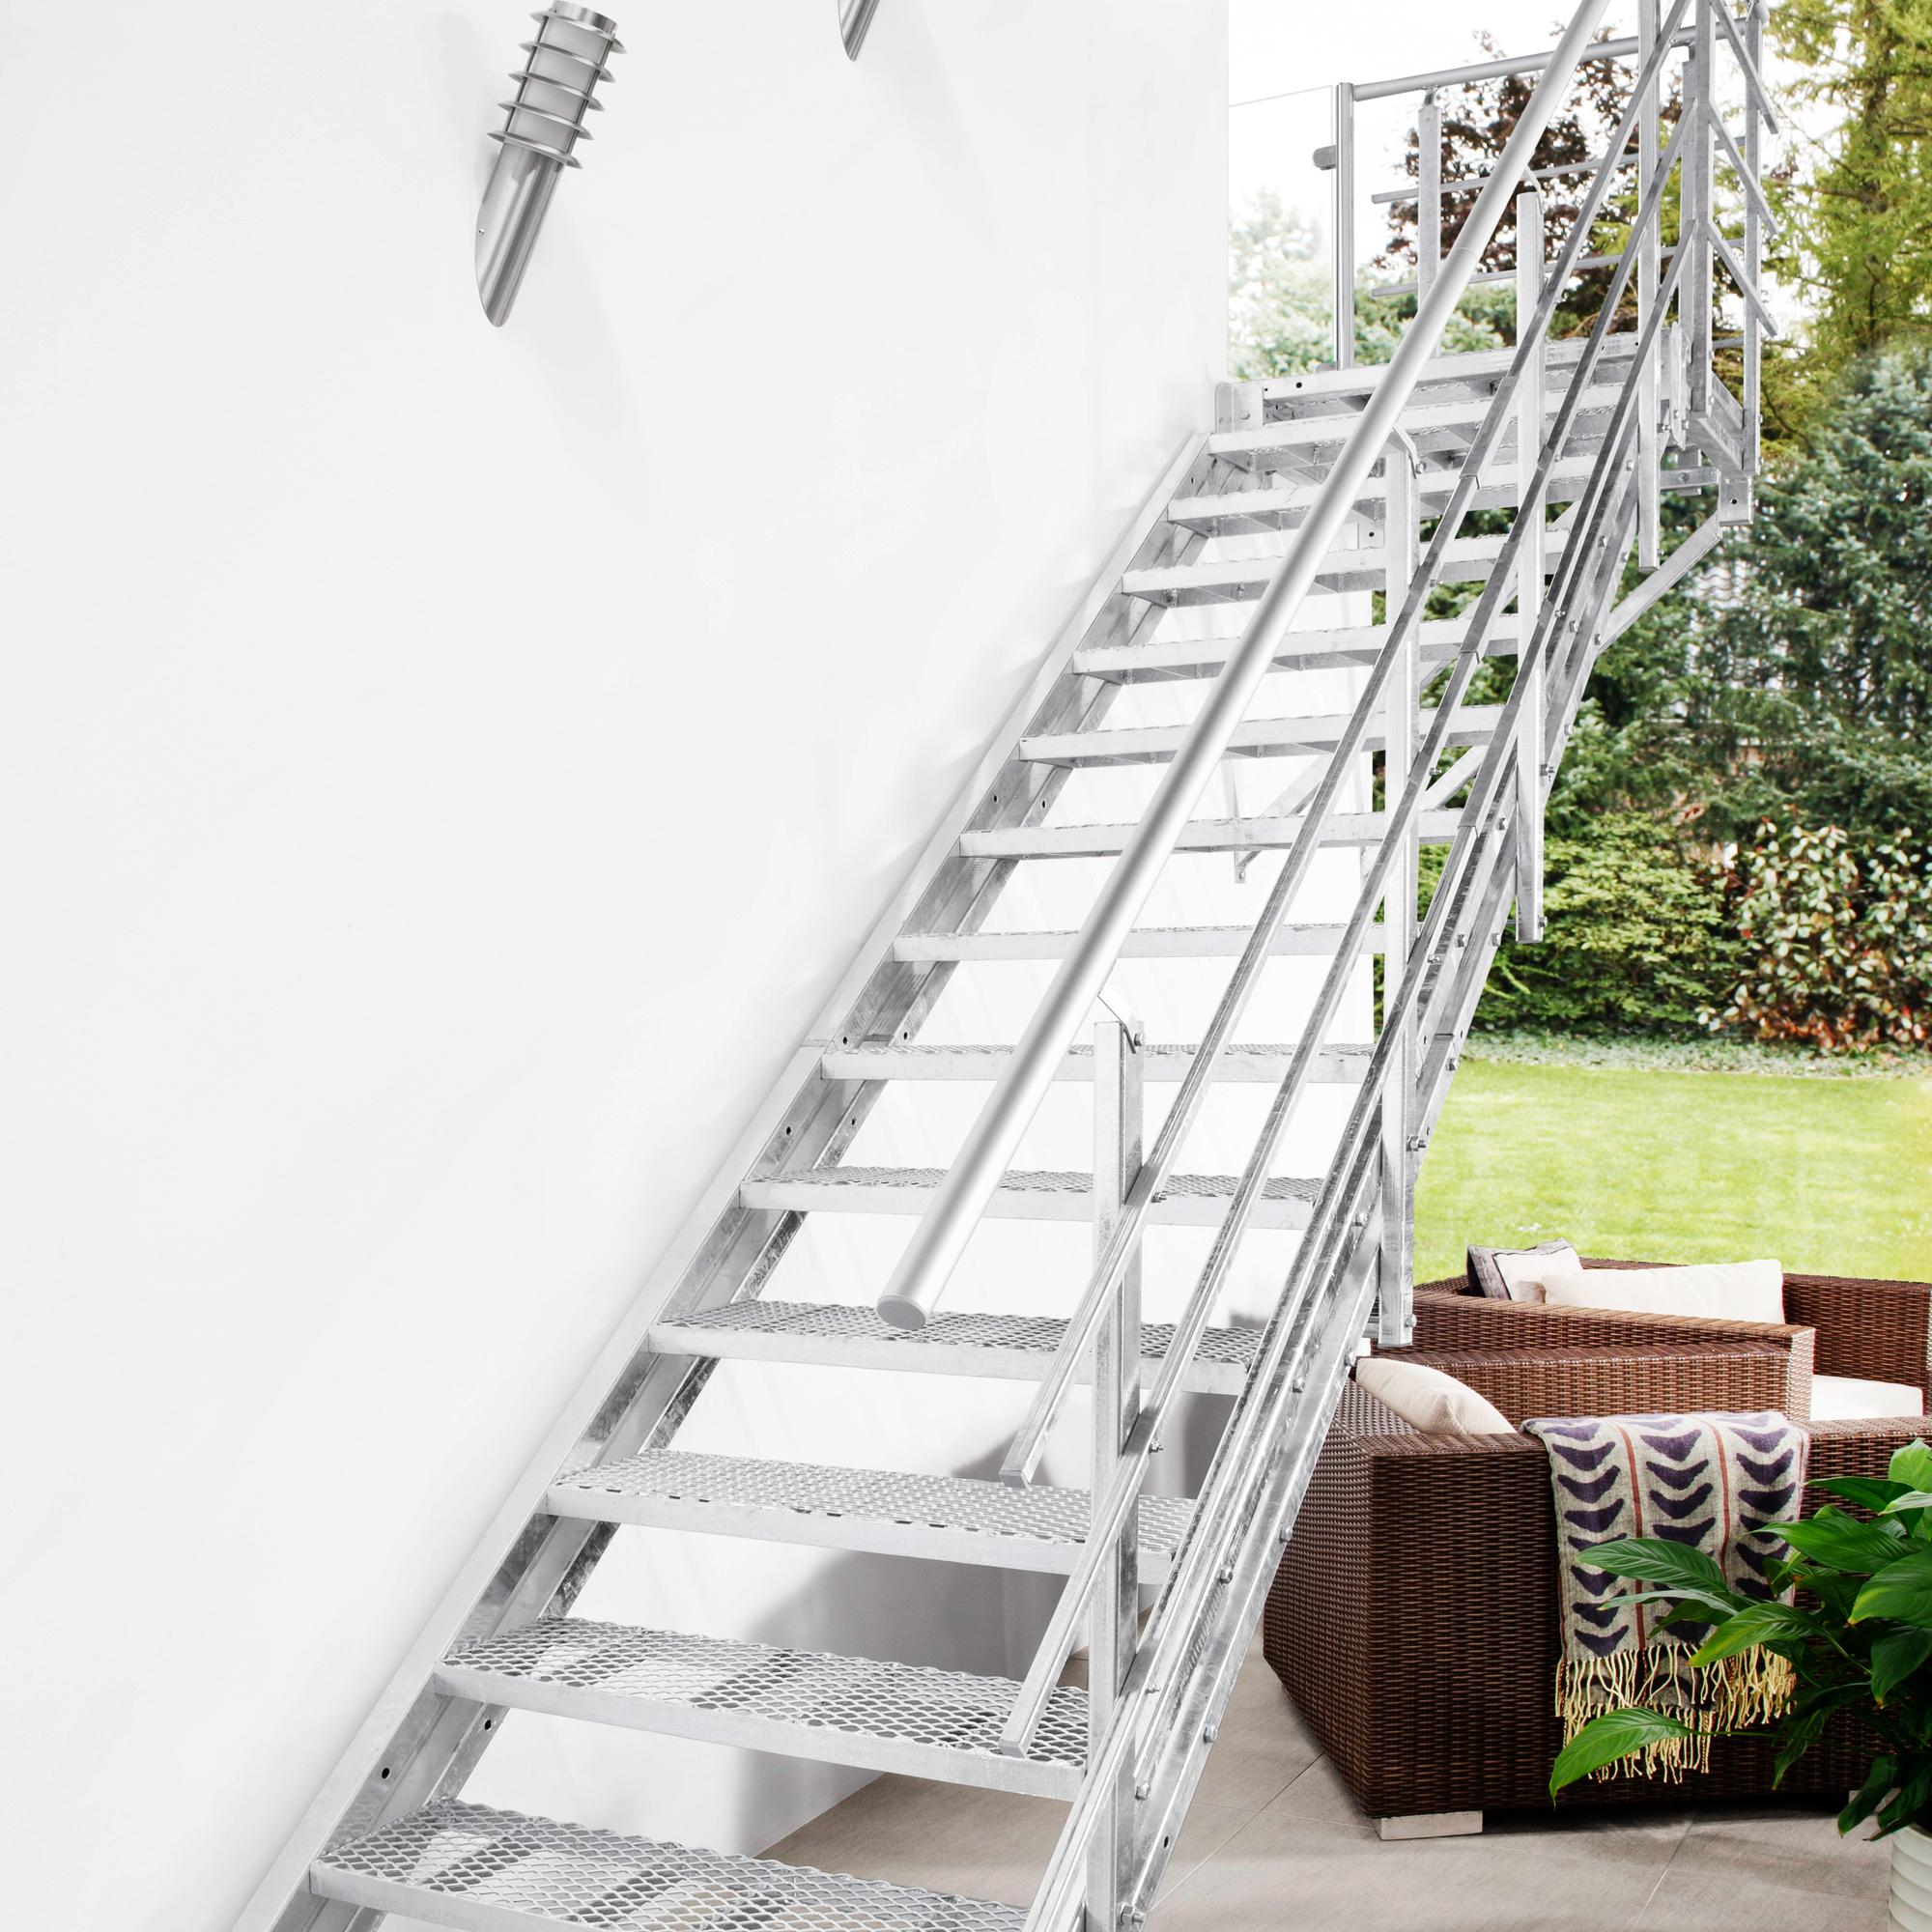 au entreppe mit podest wahlweise 80 o 100 cm breite stufen. Black Bedroom Furniture Sets. Home Design Ideas